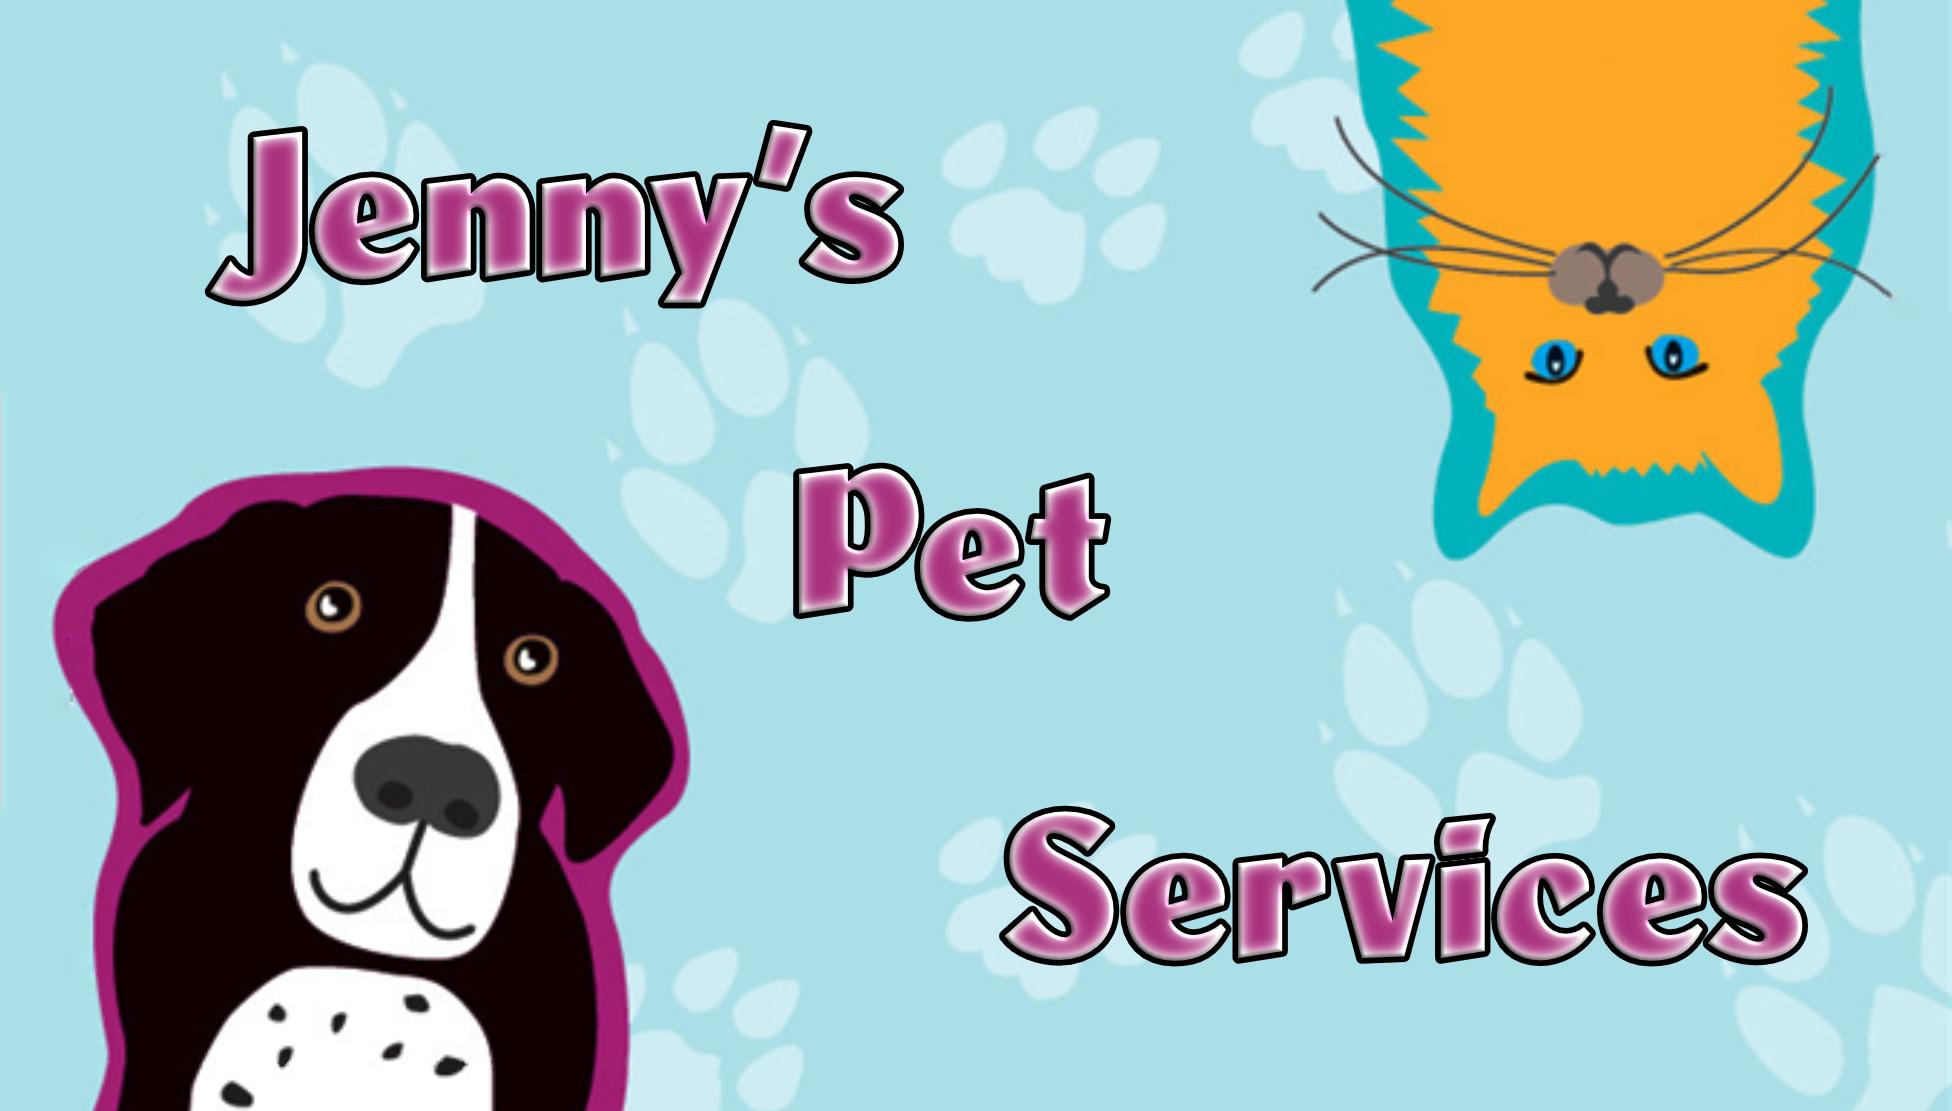 Jenny's Pet Services.jpg